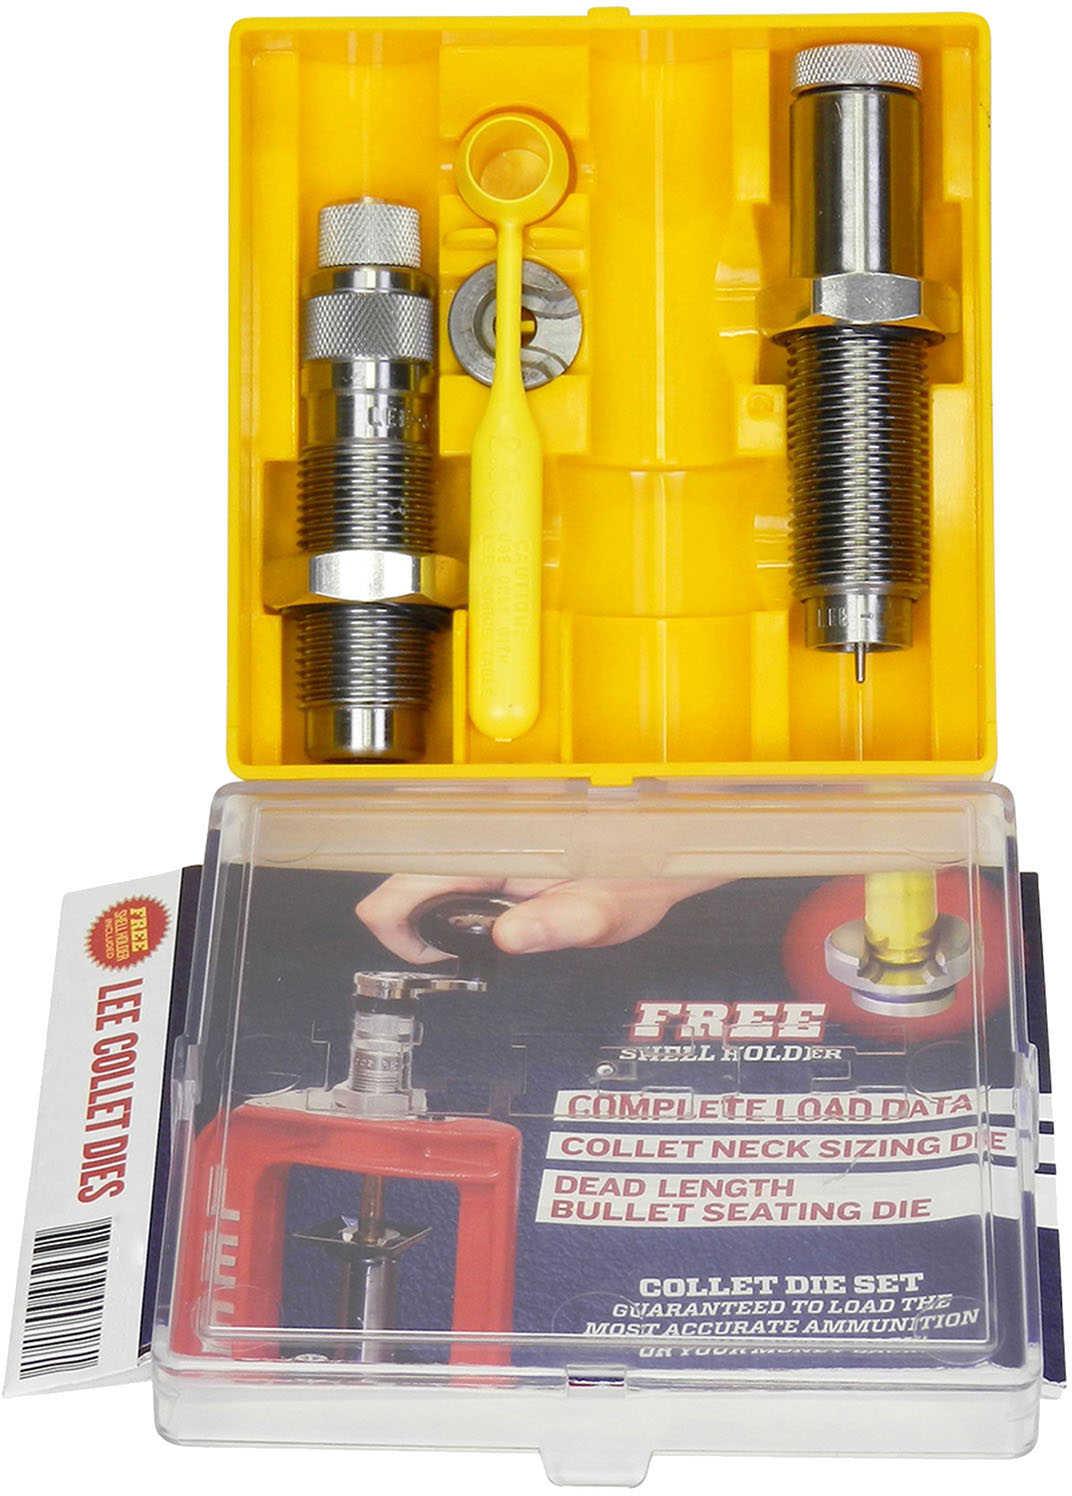 Lee Collet Die Set With Shellholder For 17 Remington Md: 90804